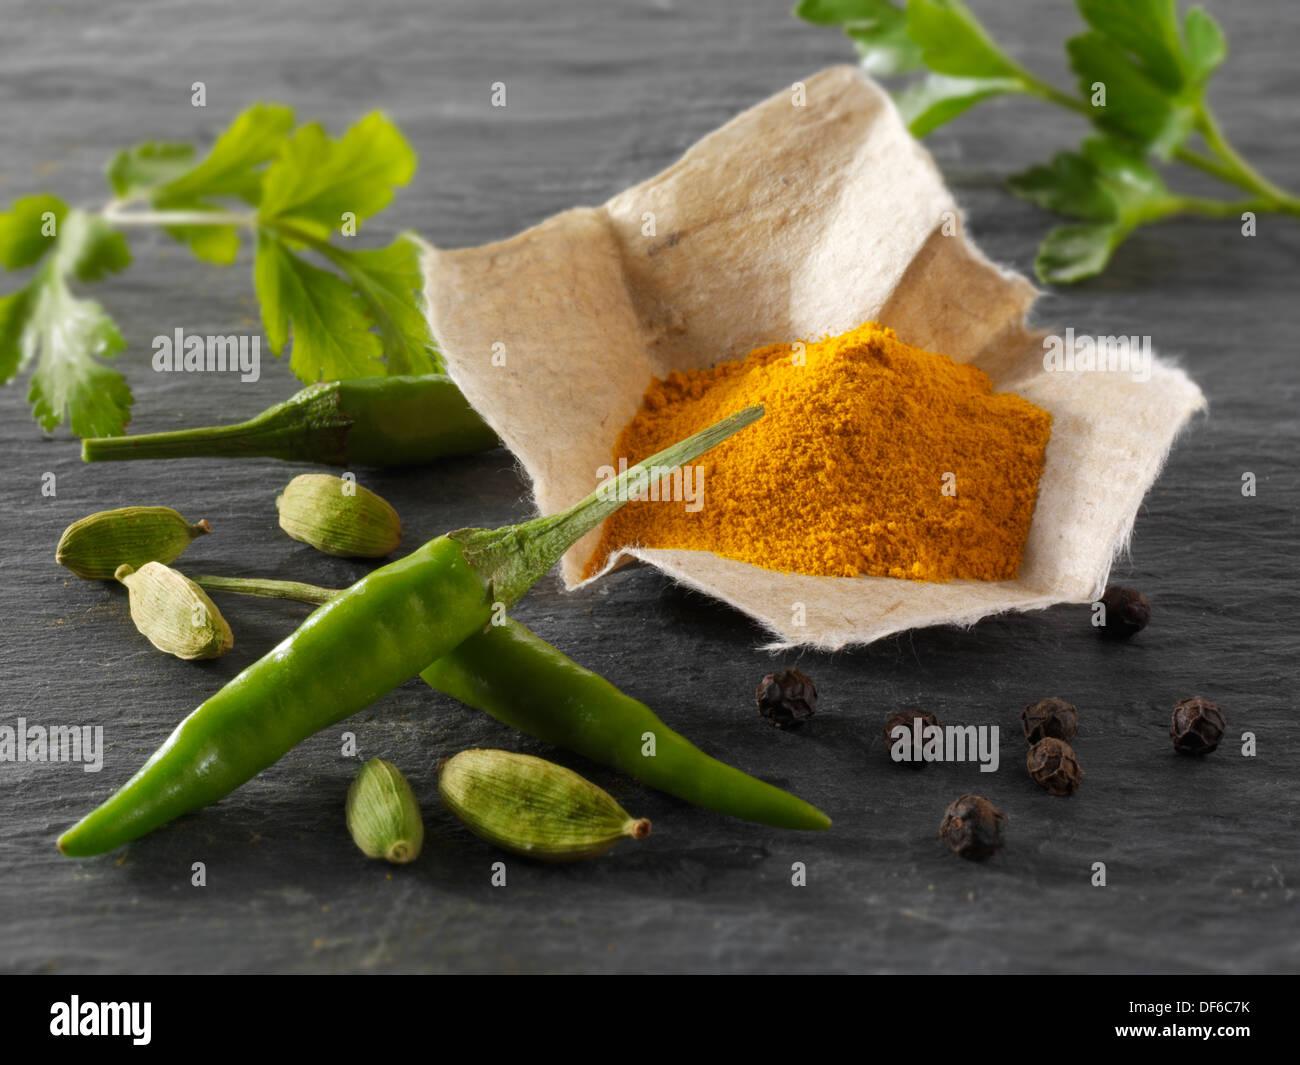 Verde fresco birdseye chiles con suelo de cúrcuma y hojas de cilantro especias indias arreglo compuesto Imagen De Stock